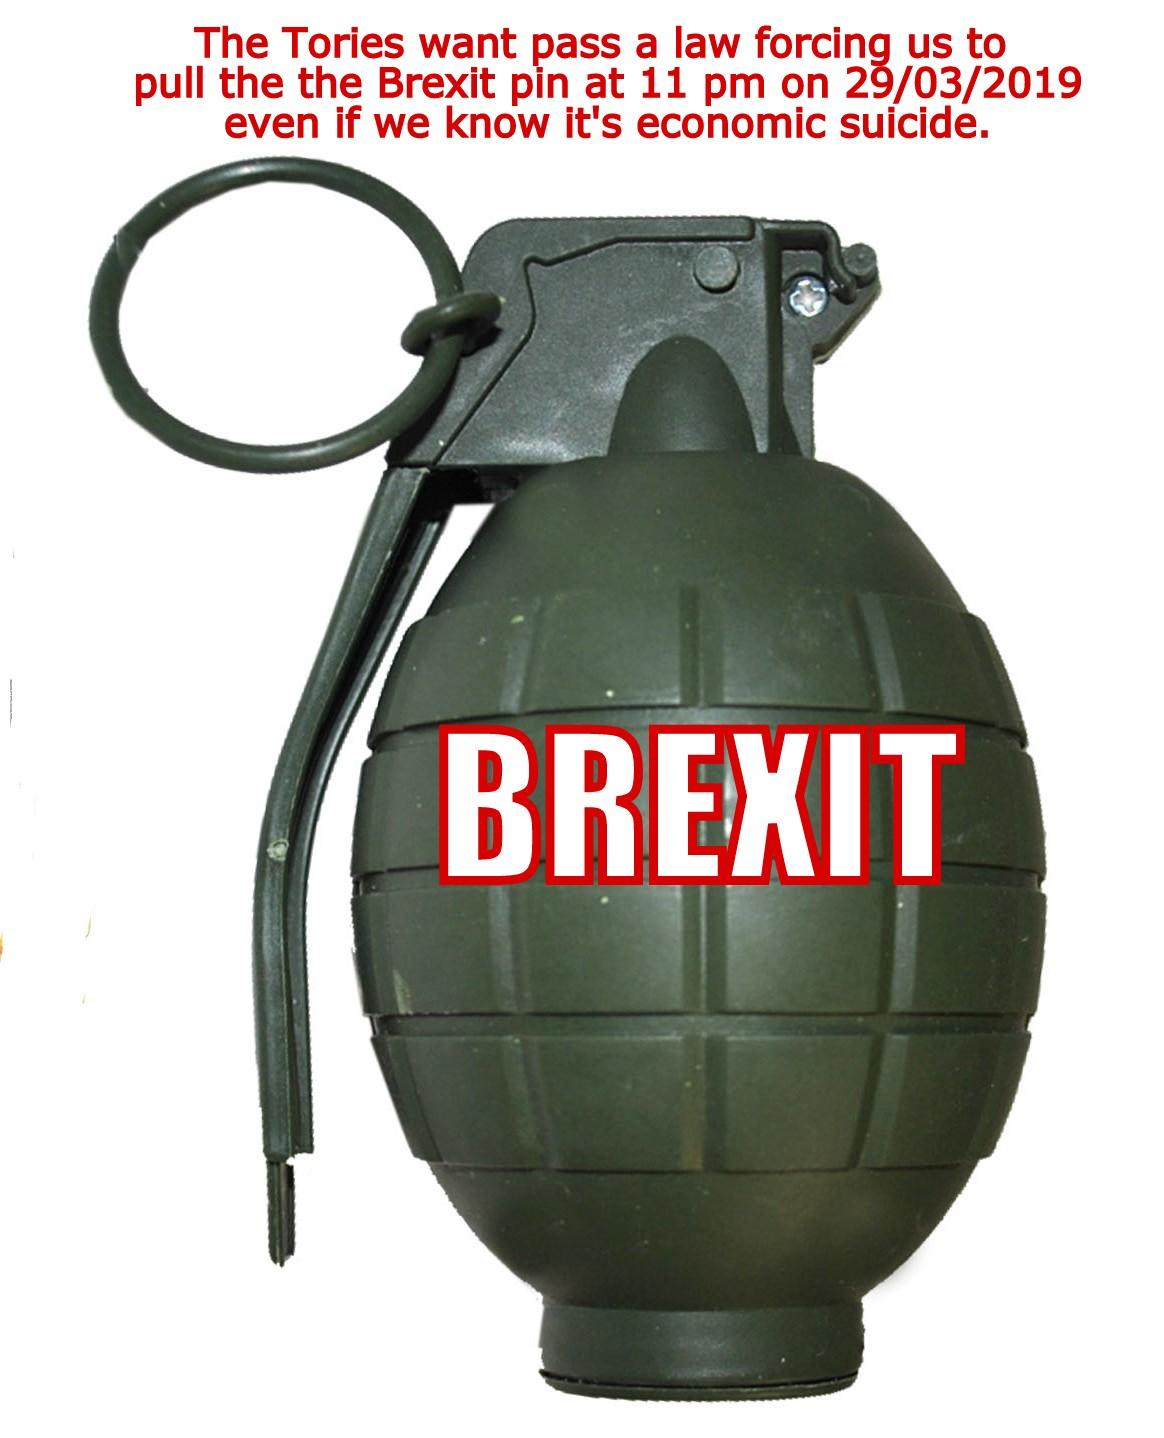 brexit grenade